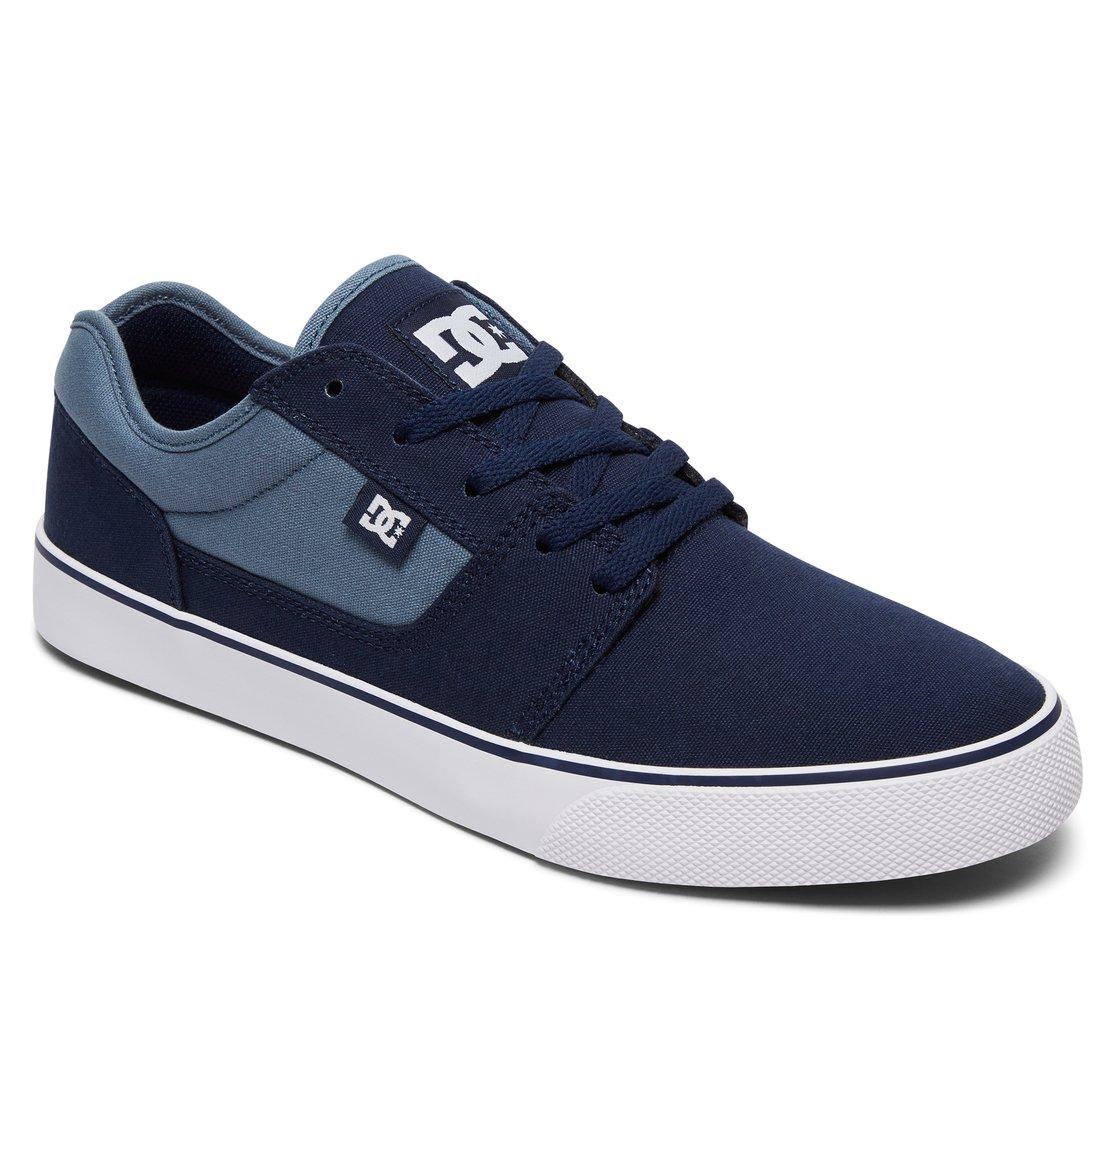 6c620db3d5be8 1 Tonik TX Shoes Blue 303111 DC Shoes